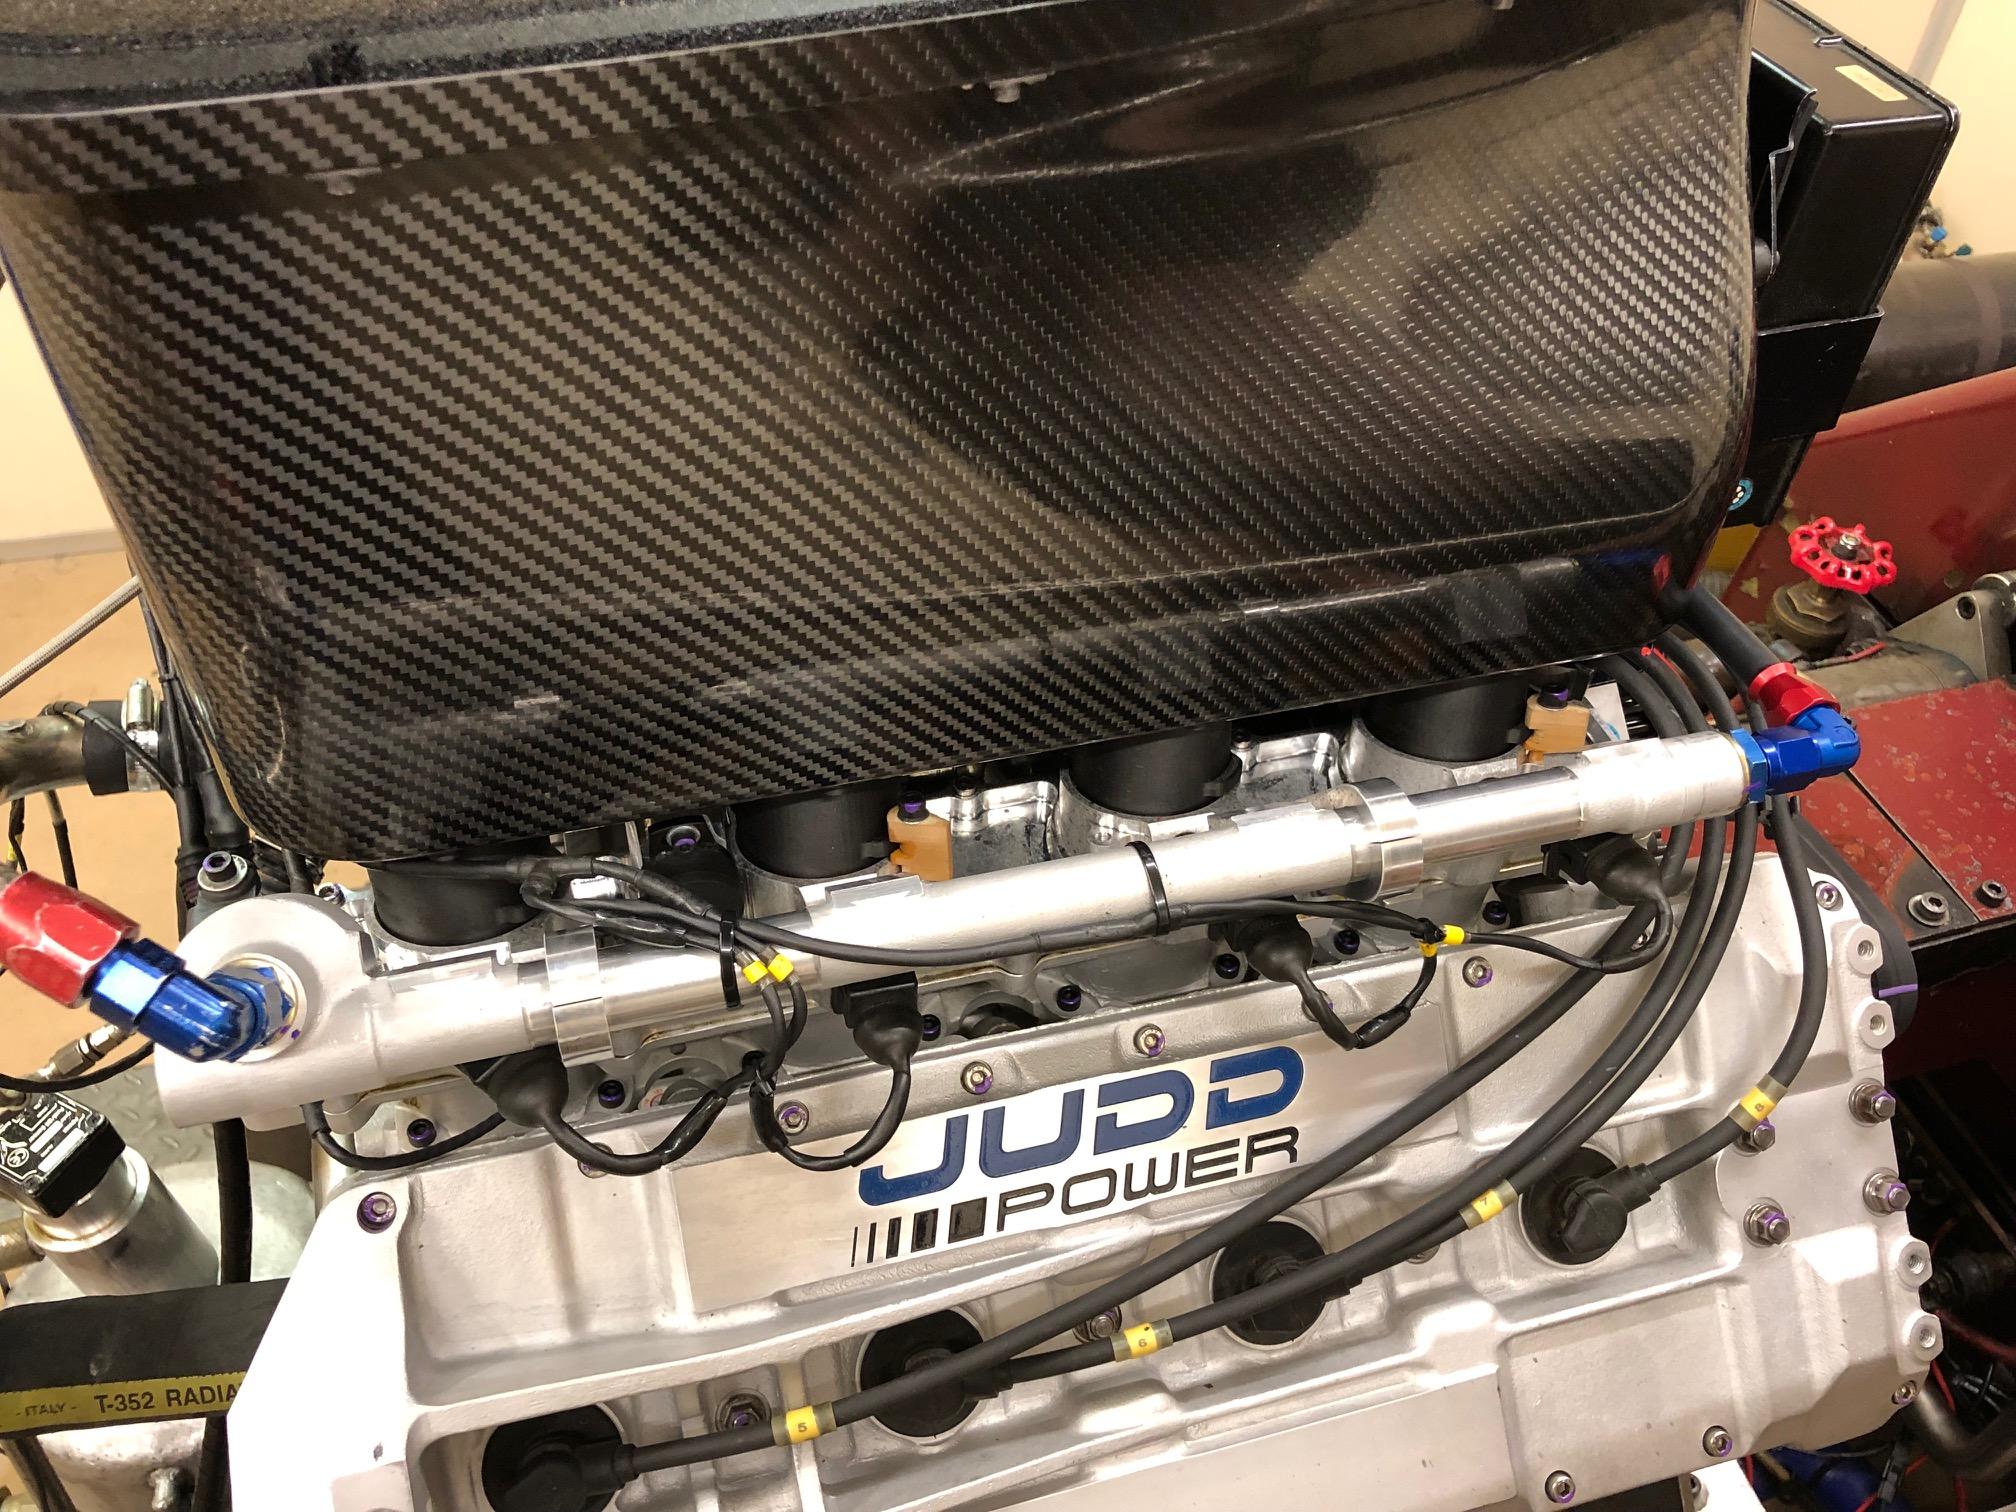 Judd KV (Zytek) F3000